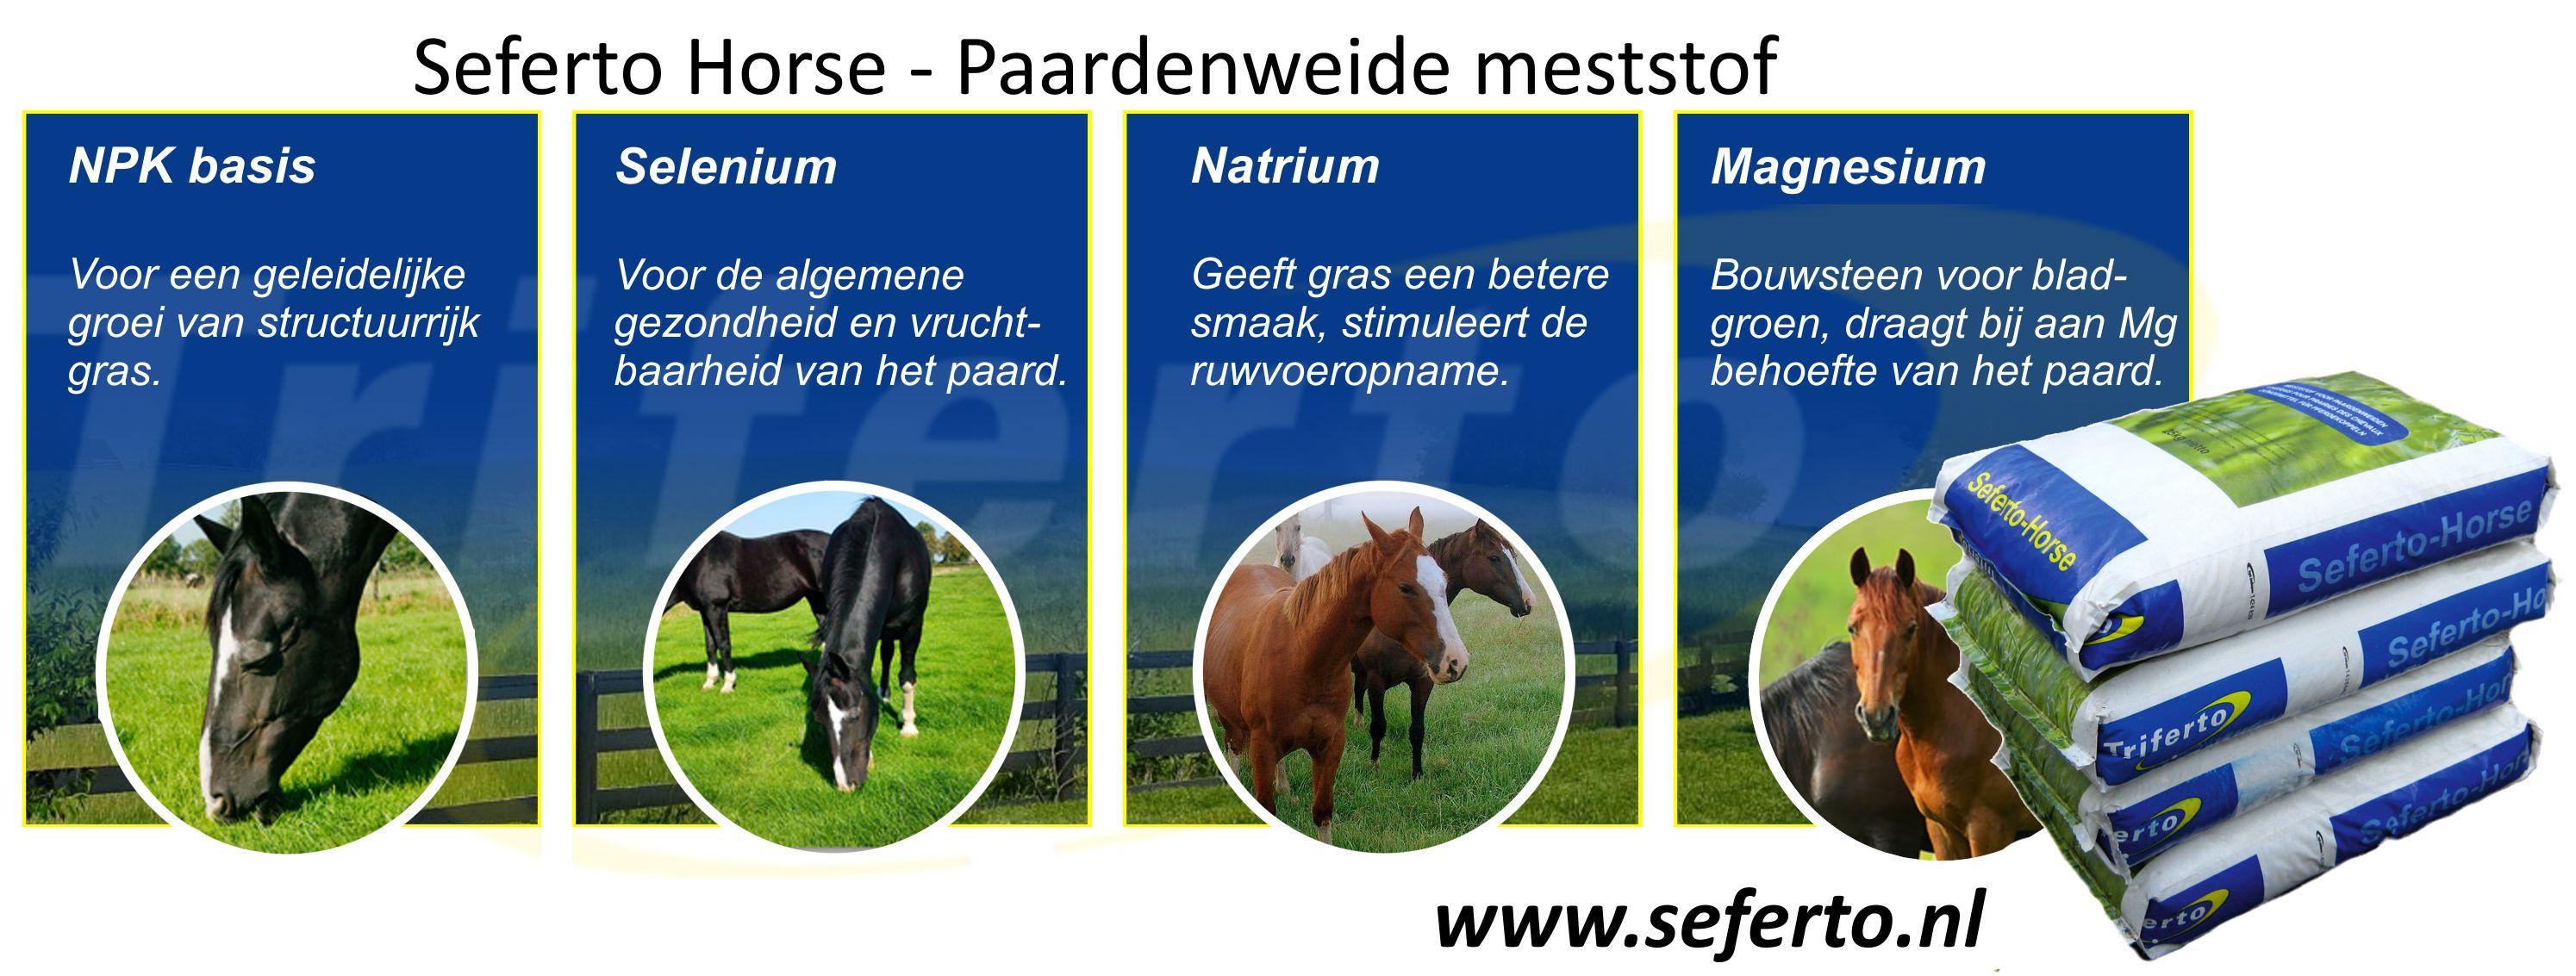 Seferto Horse - Selenium meststof voor paardenweide